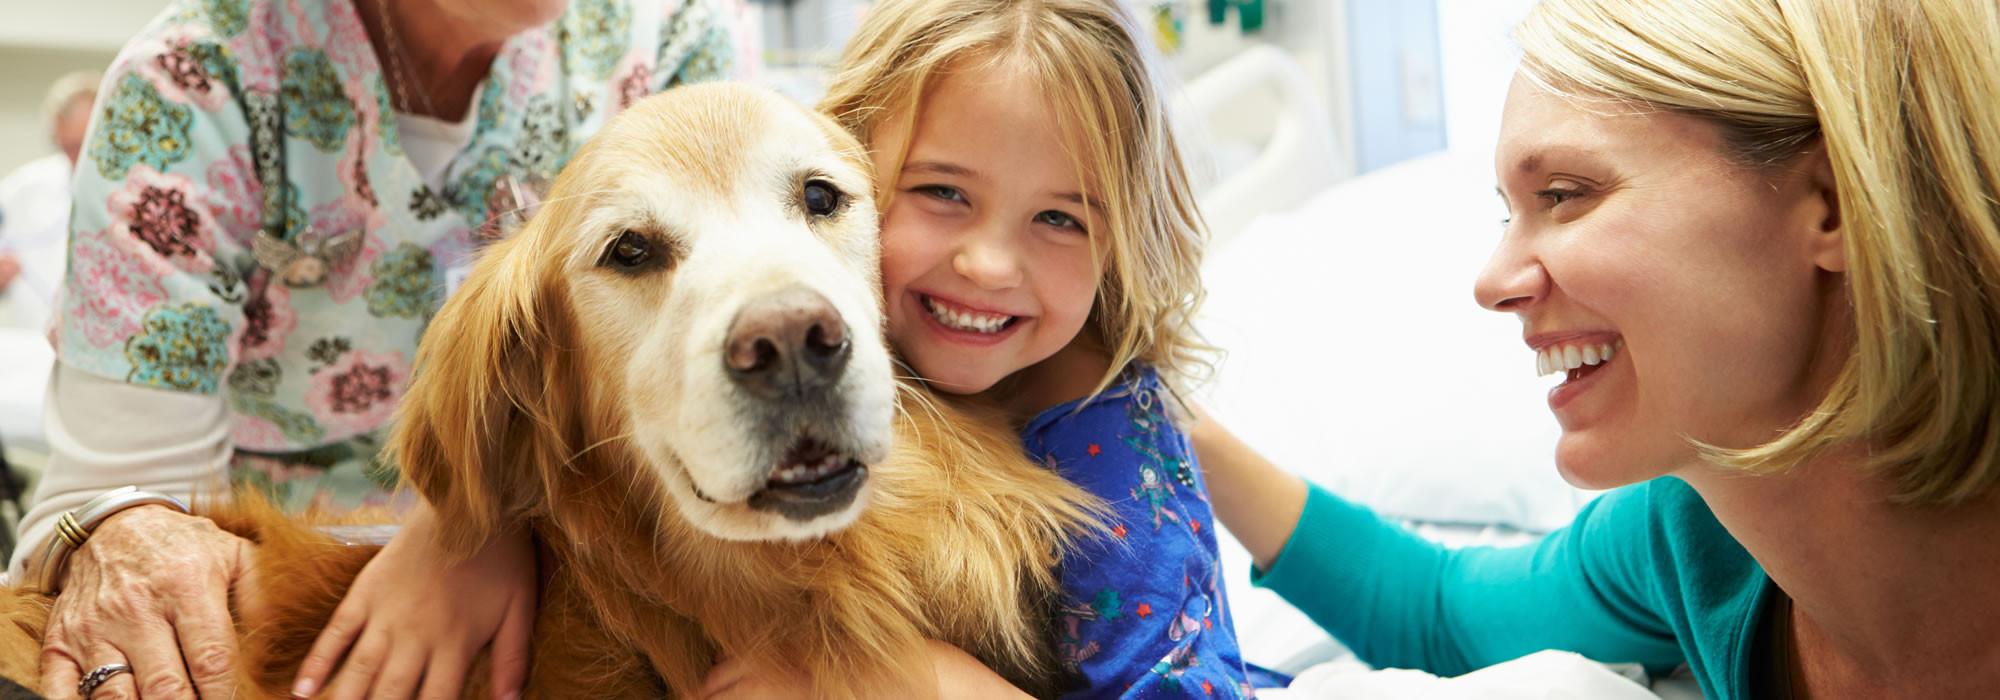 Zusammen mit Tieren heilen